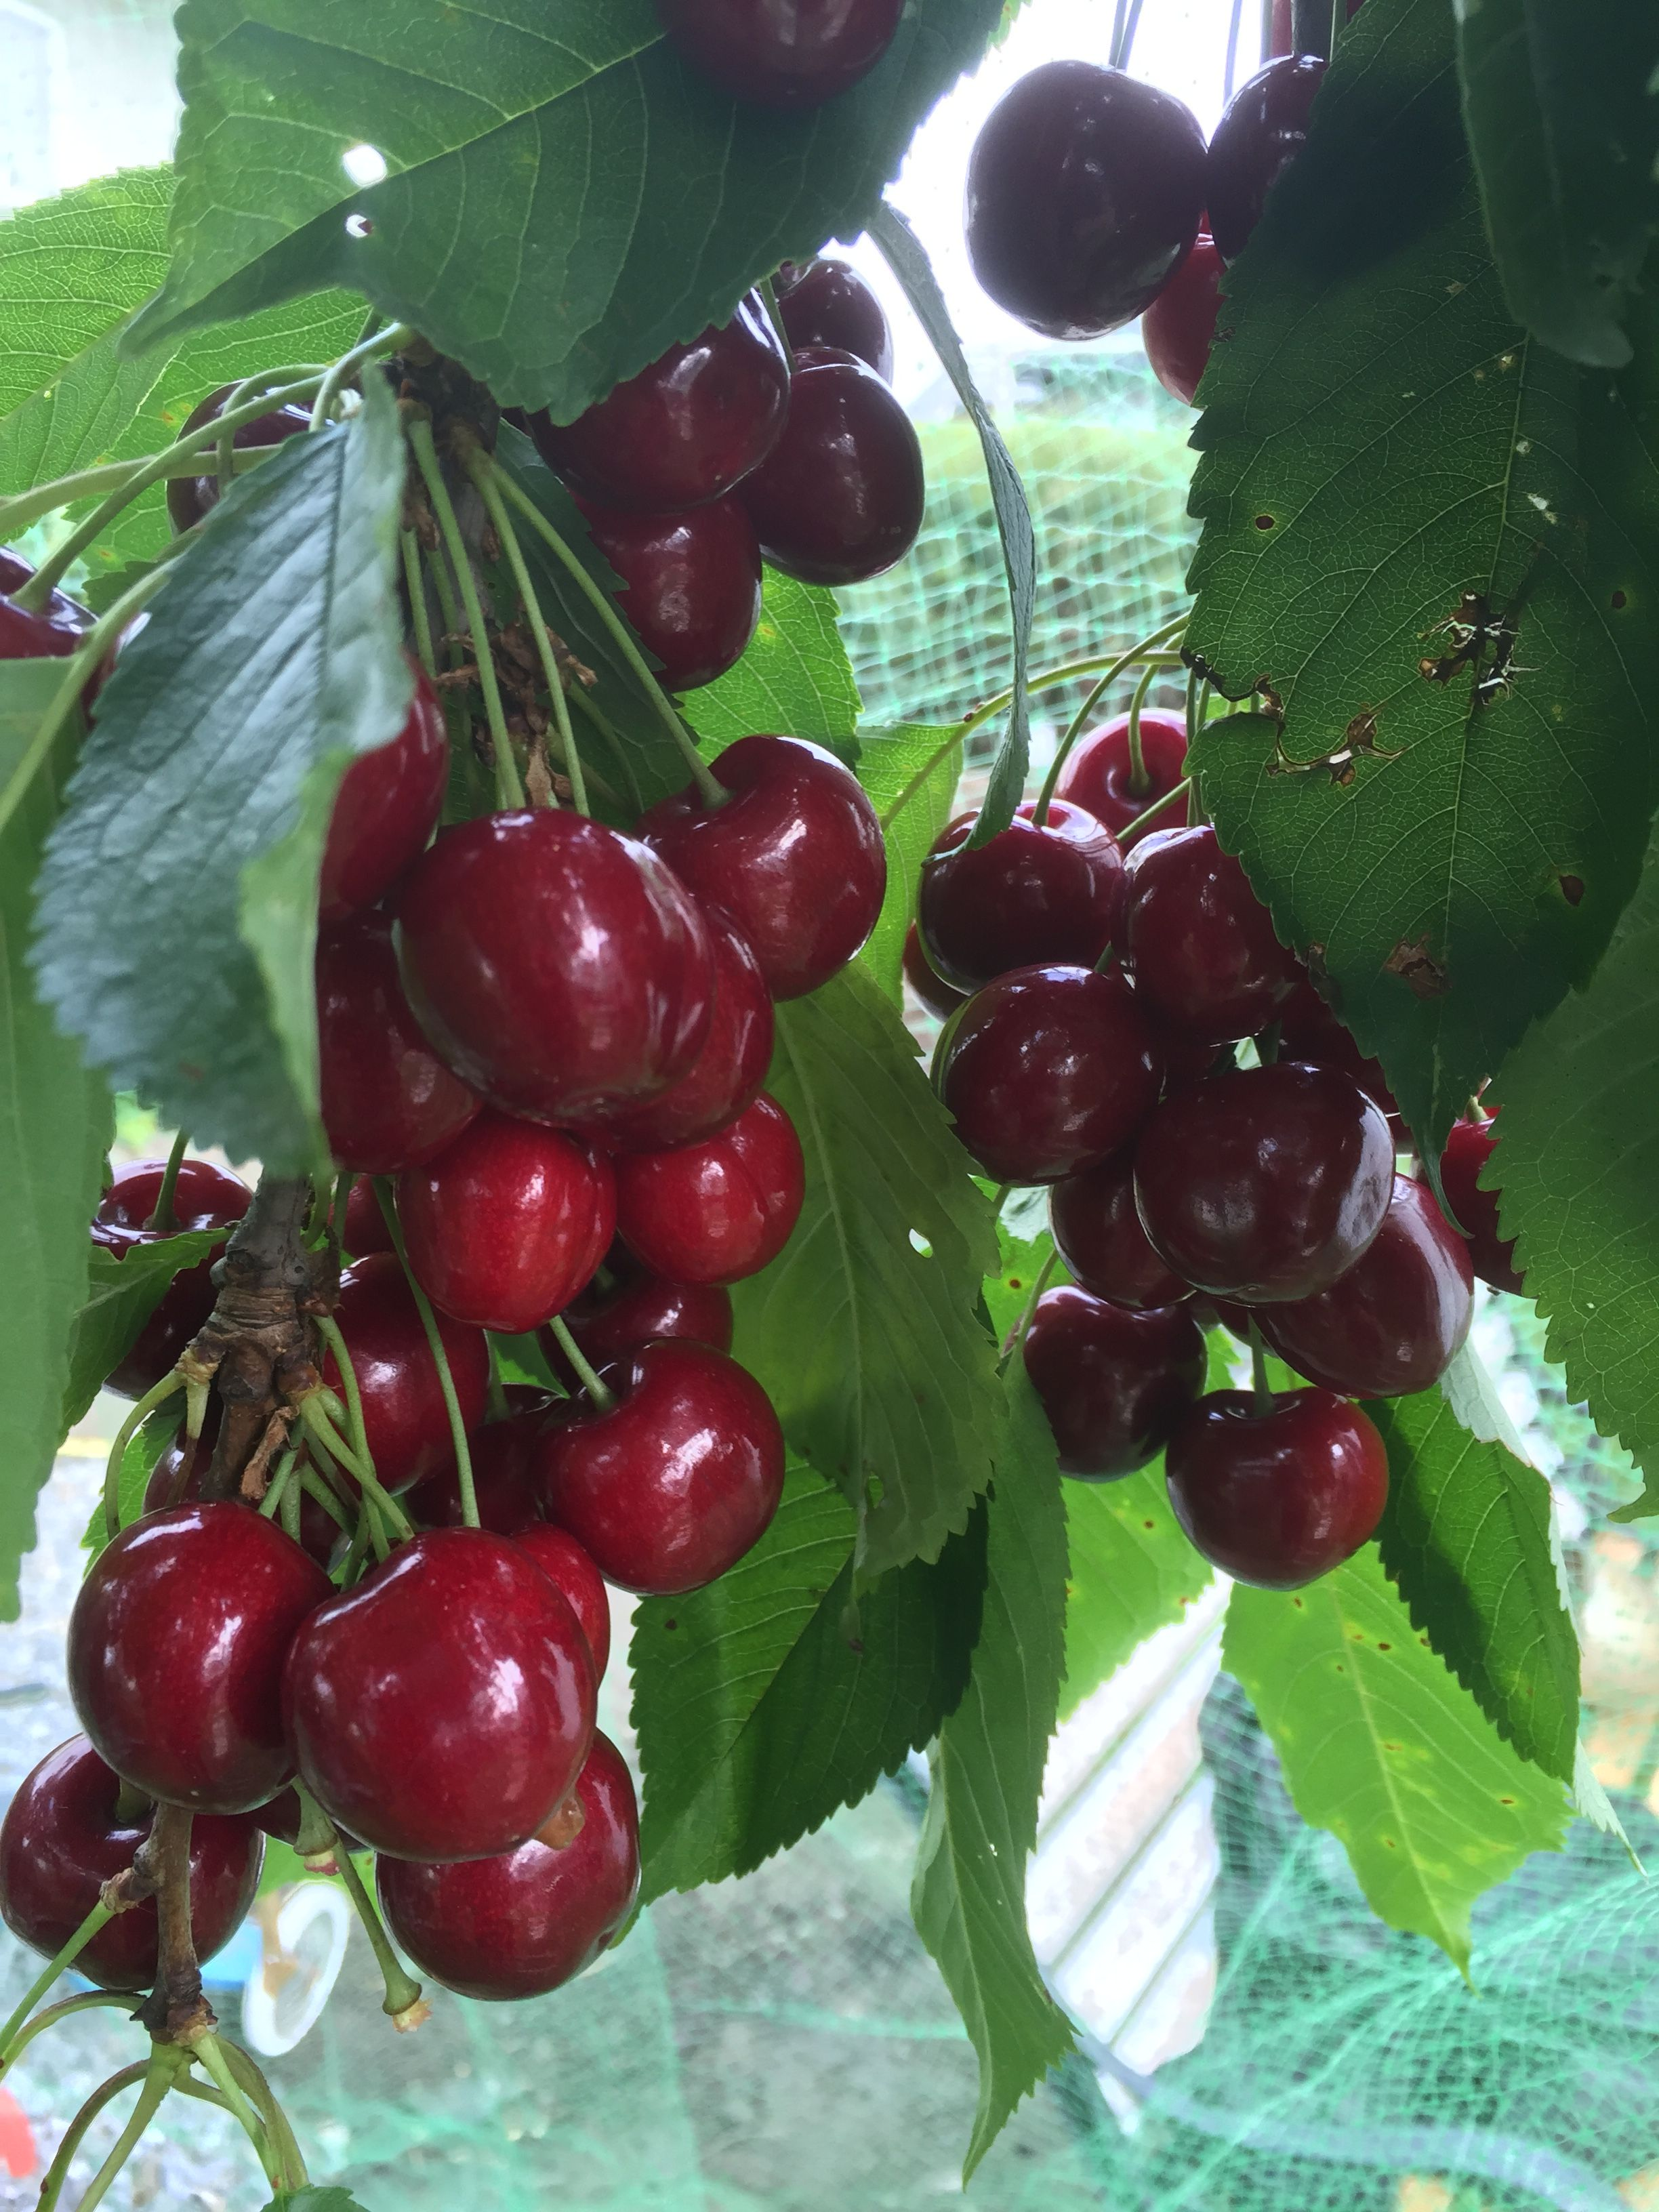 My Fruit Obst Lecker Gesundheit